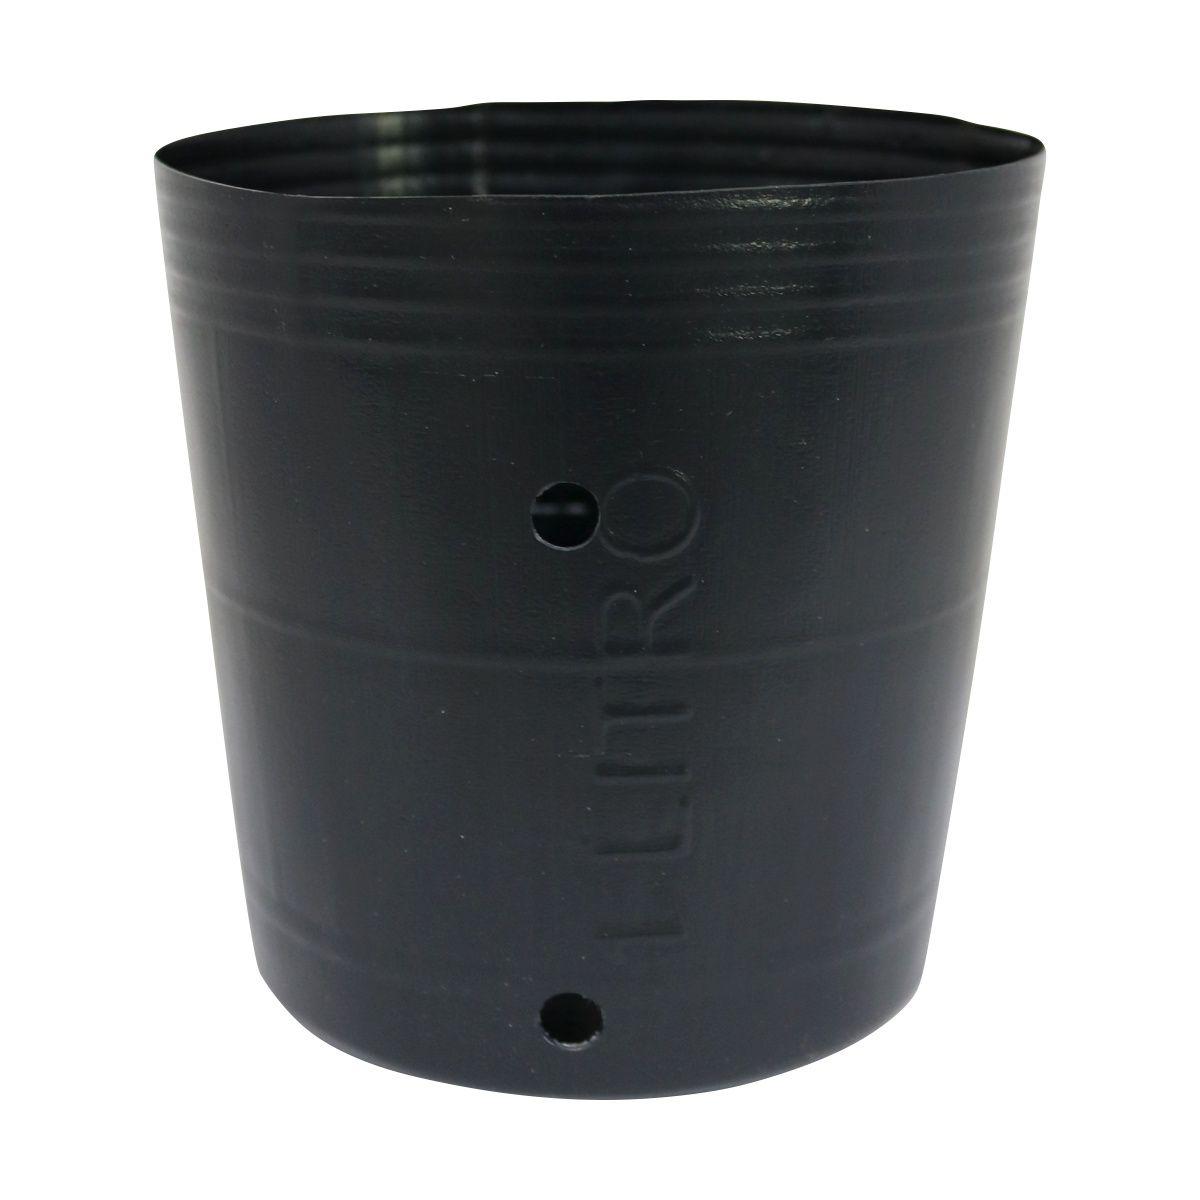 Vaso (embalagem) para muda Kit com 10 potes de 1 litro